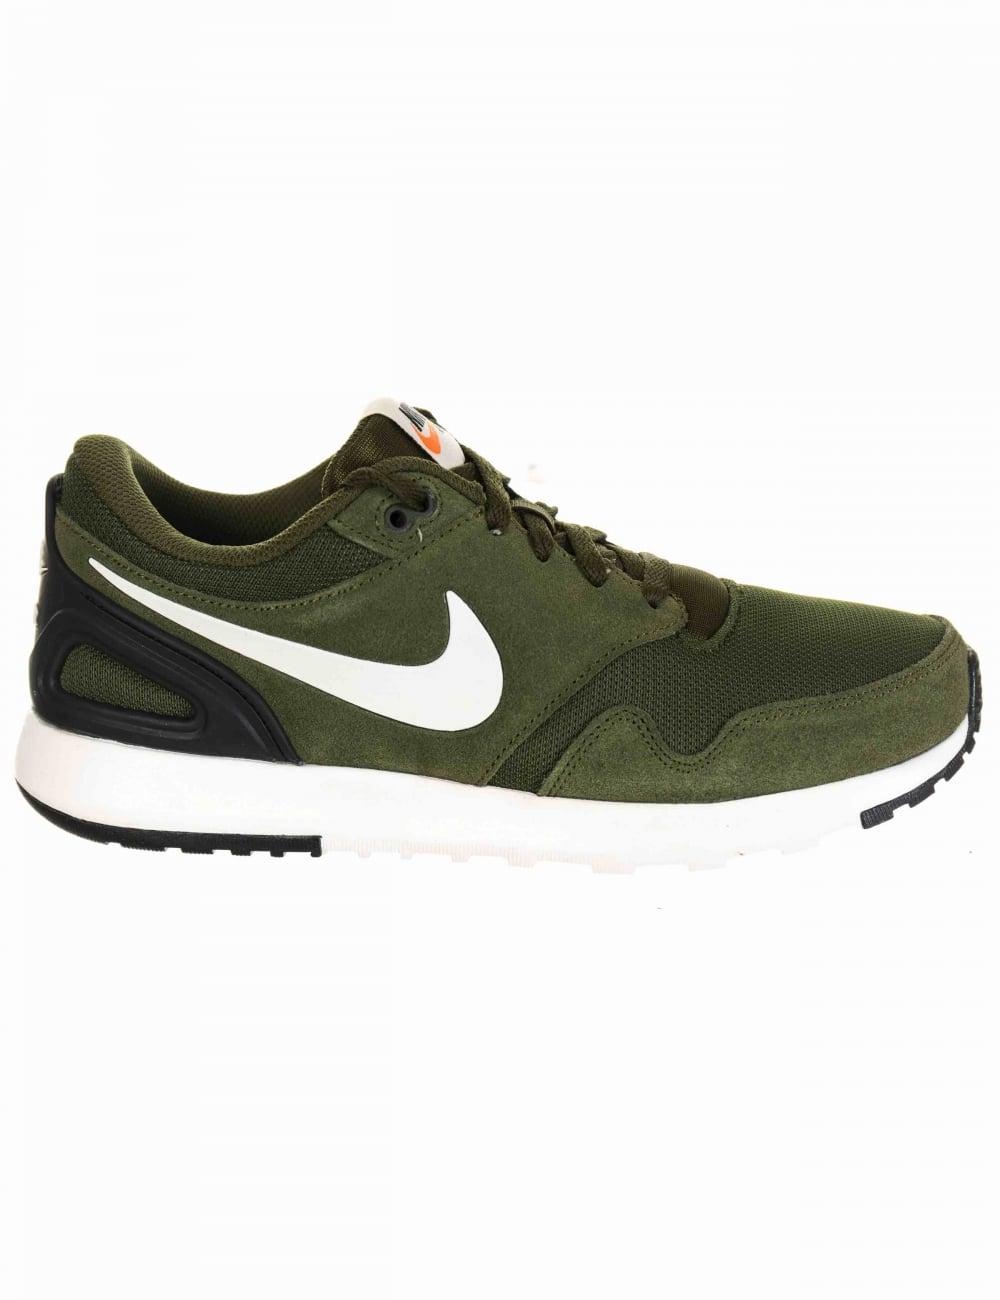 brand new 938e5 83e31 Air Vibenna Shoes - Legion Green/Sail